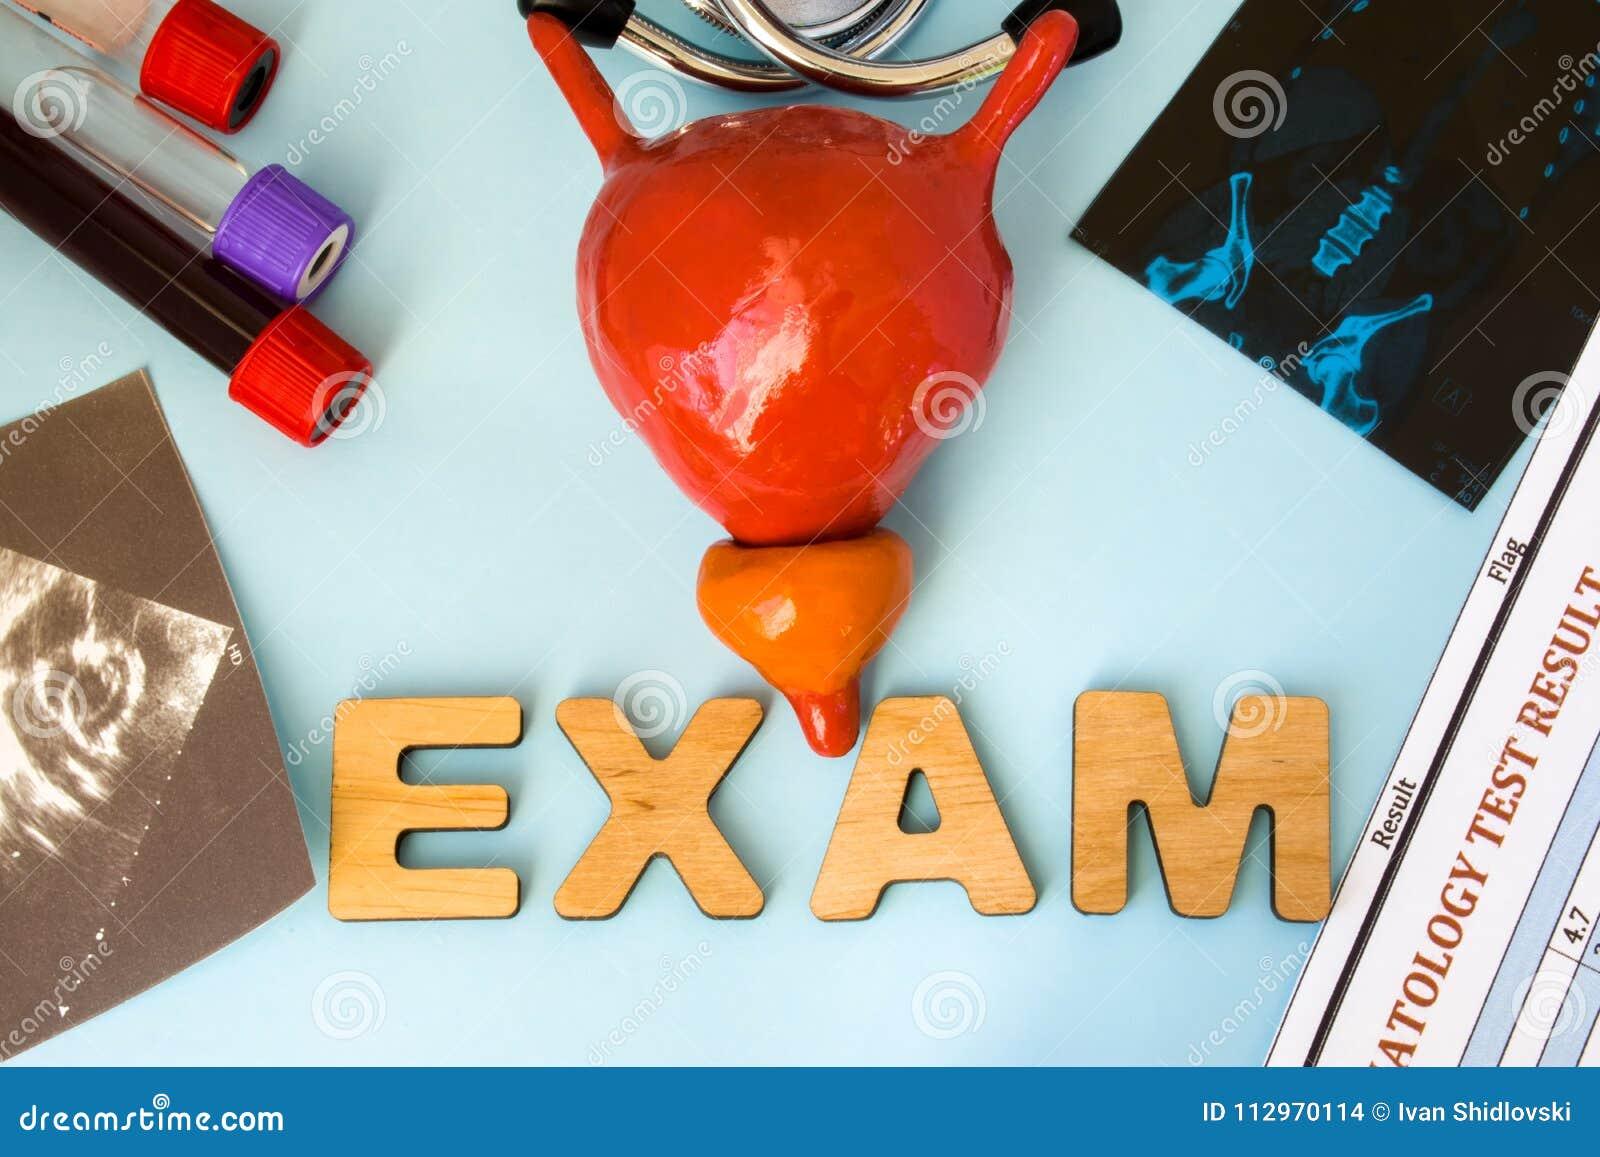 Examen En Examen De La Vejiga De La Orina De La Urología Y Glándula ...